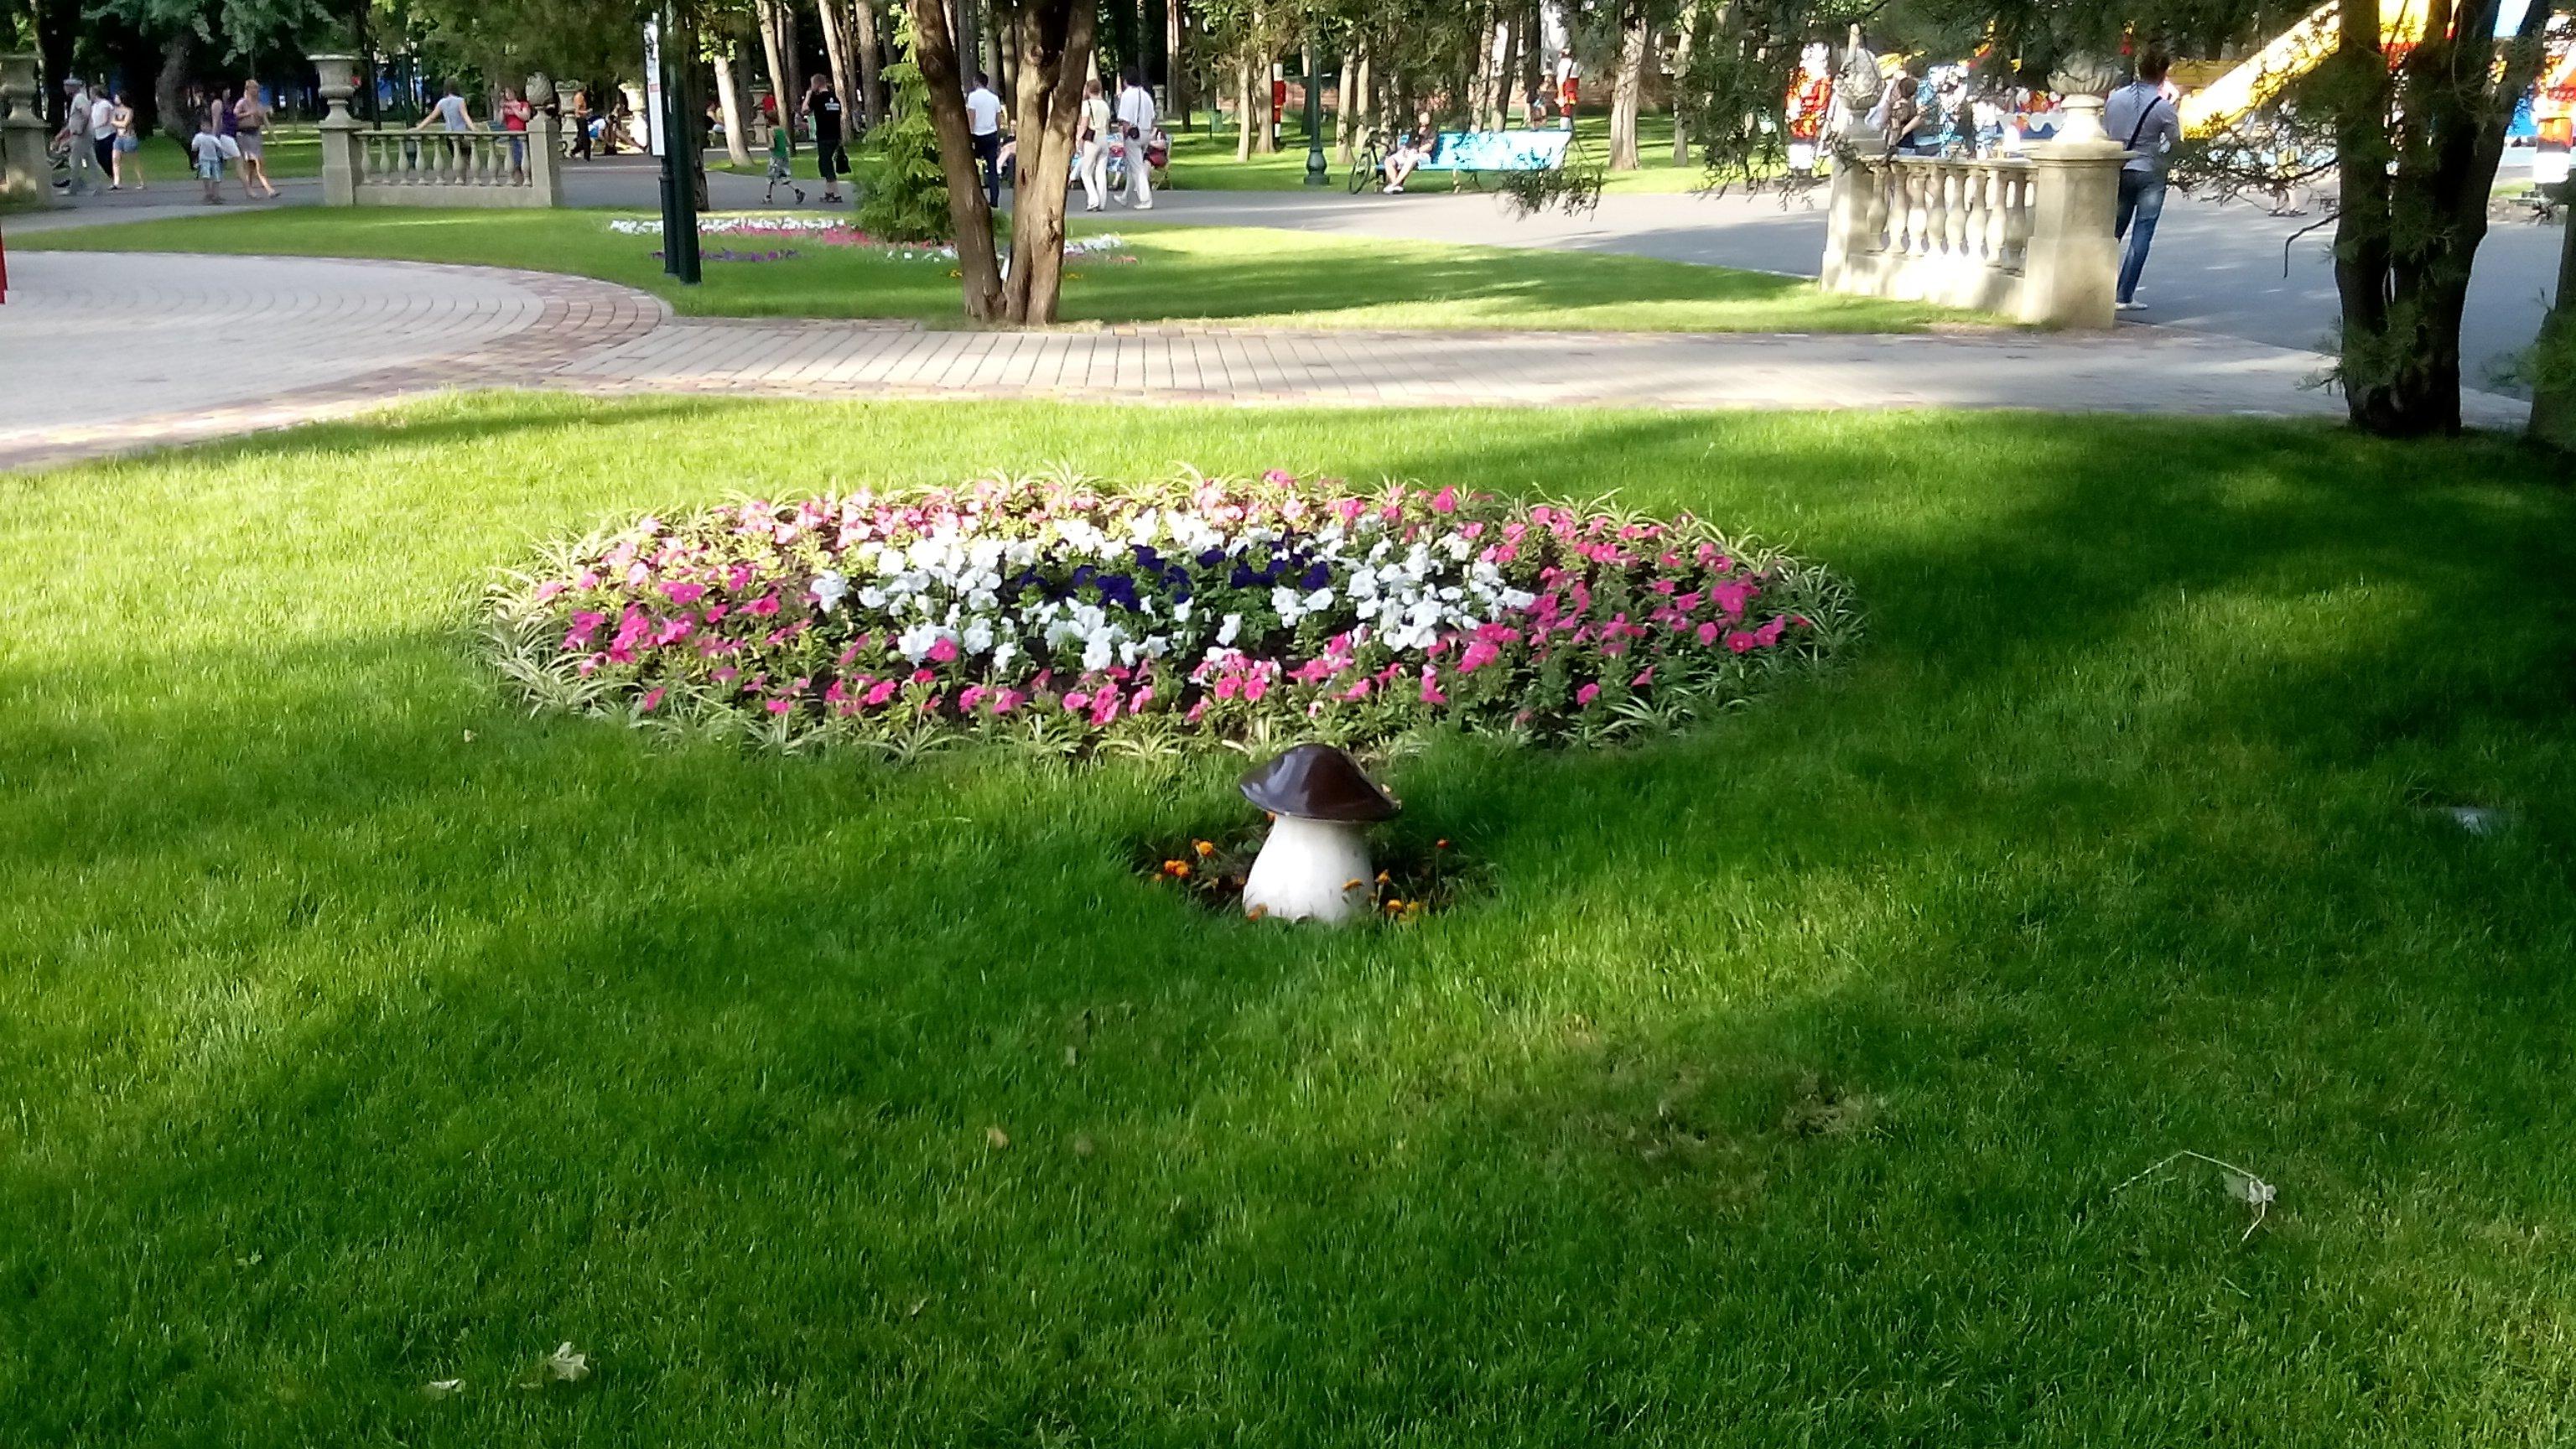 Харьковский парк потратит более 1,5 миллионов гривен на однолетние цветы